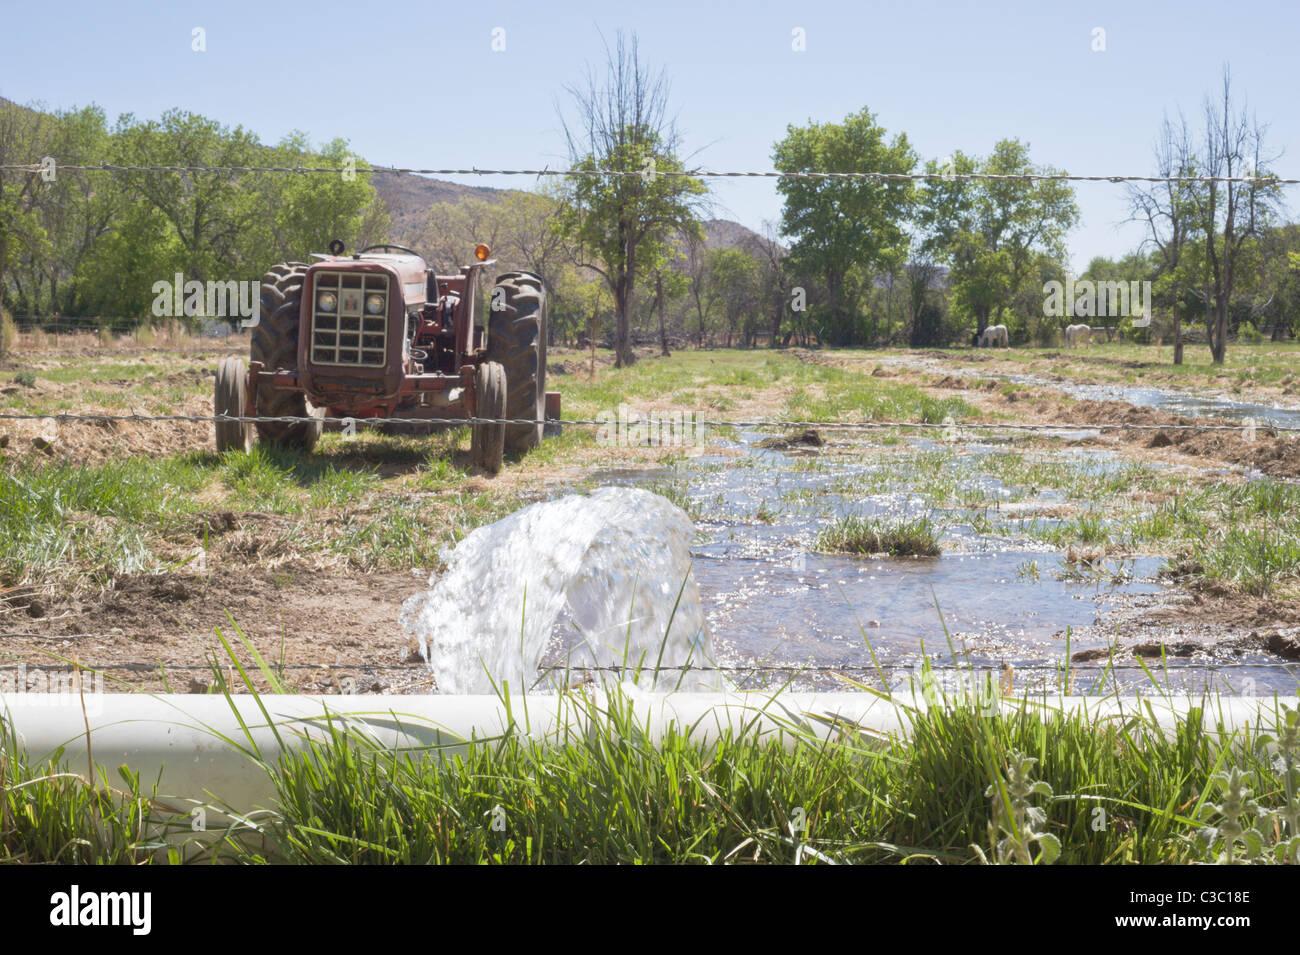 El agua para la Agricultura y la ganadería es un bien valioso en el Hondo Valle, Nuevo México. Imagen De Stock